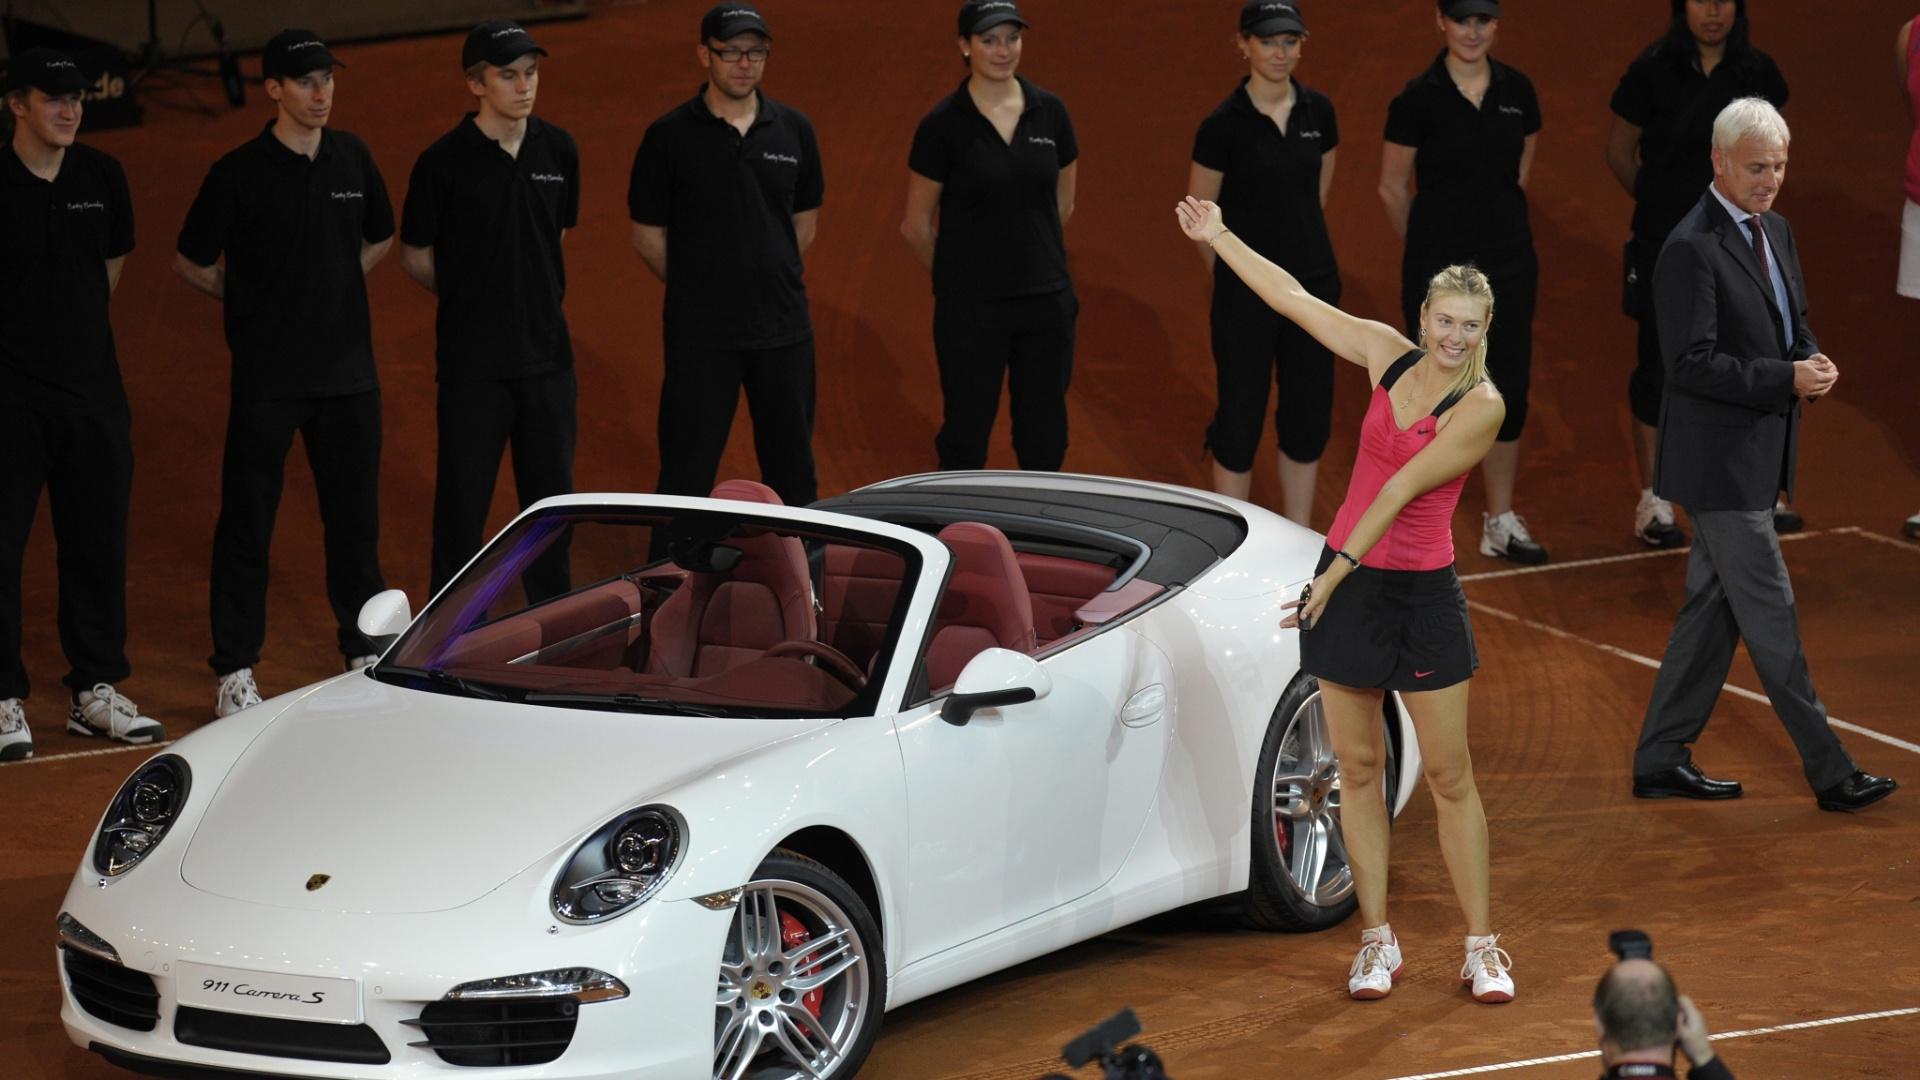 Sharapova exibe carro de luxo conquistado como prêmio ao bater Azarenka em Stuttgart